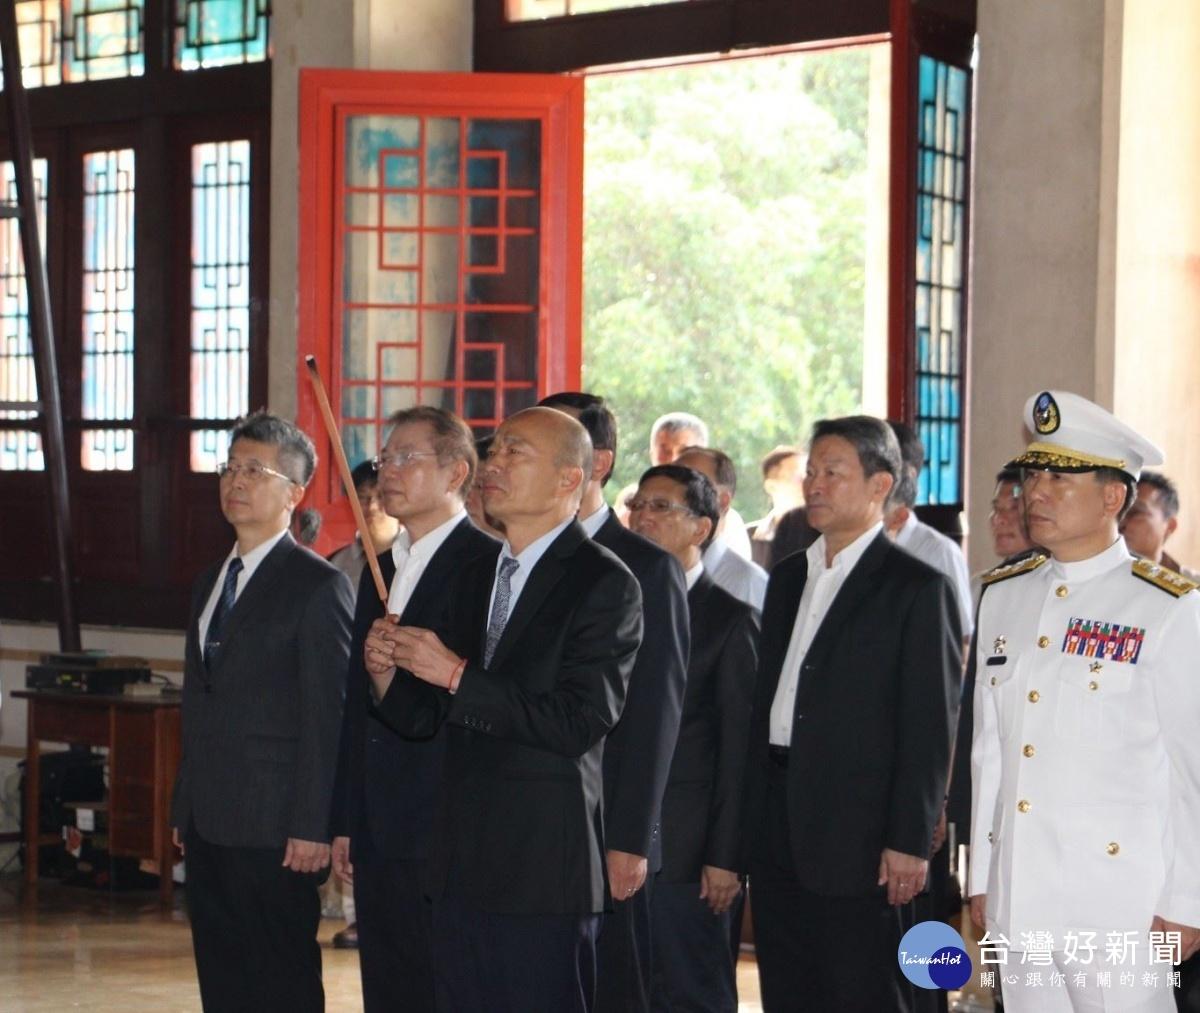 高雄市長韓國瑜出席壽山忠烈祠秋祭國殤典禮並擔任主祭。